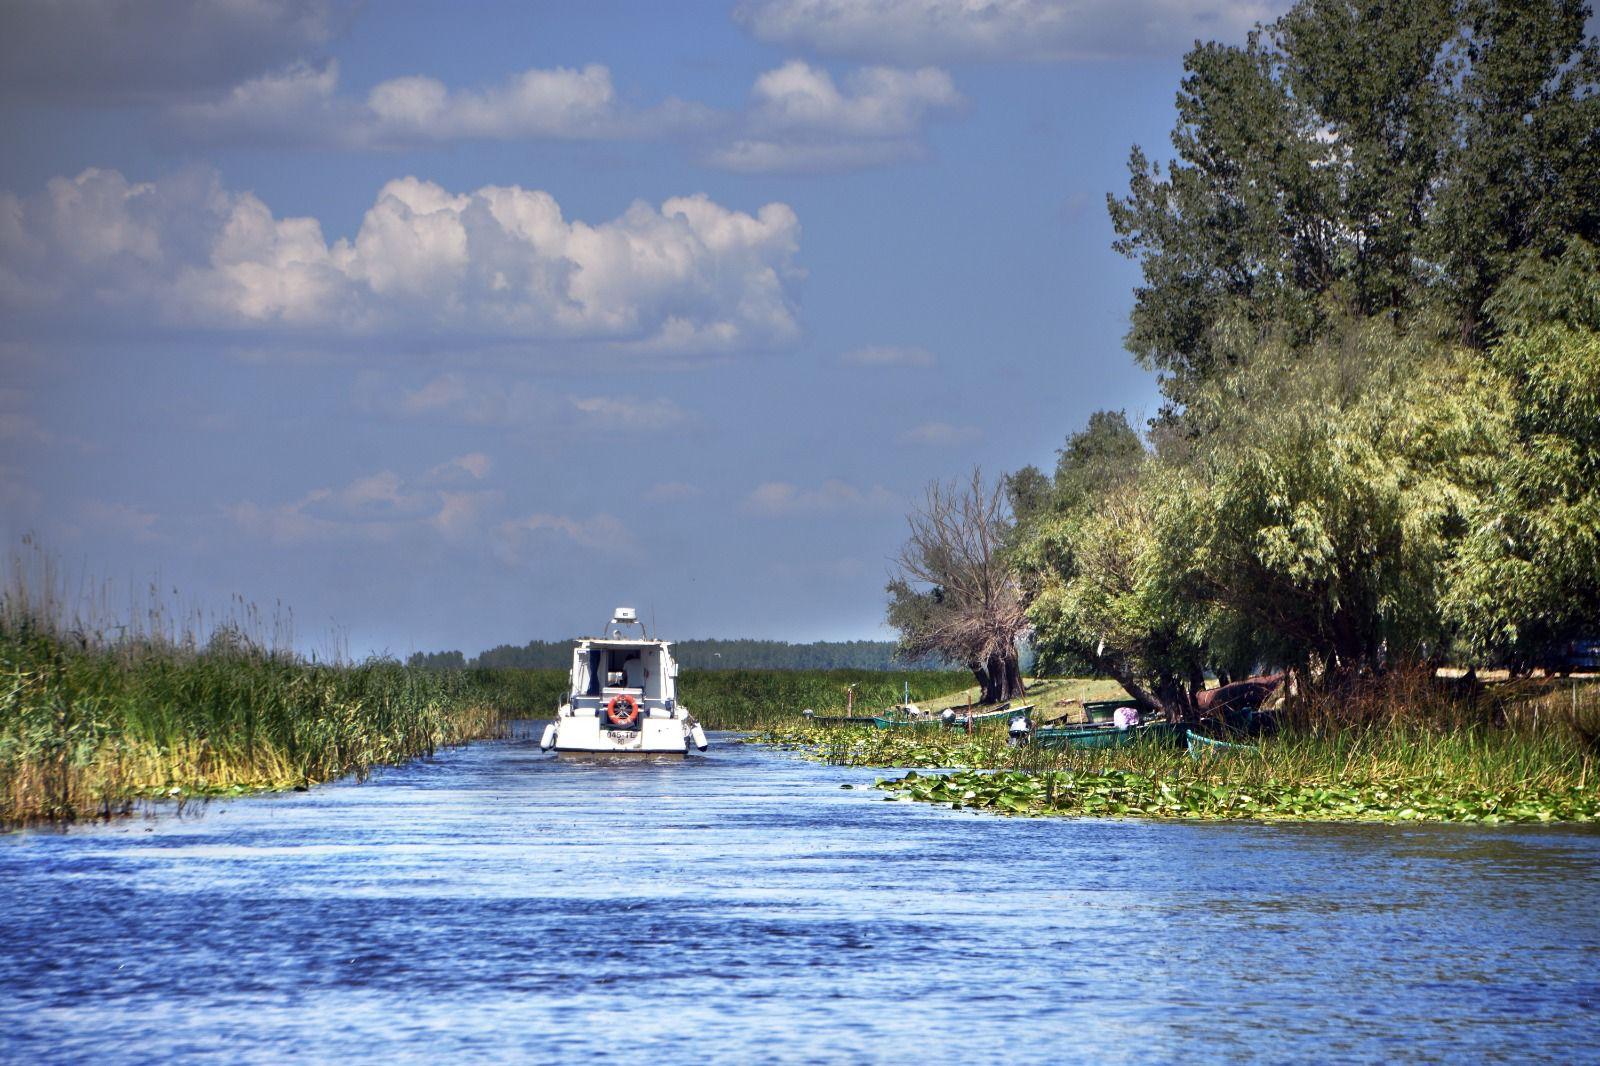 Turismul deltaic, afectat de pandemie și nu numai! Numărul turiștilor din Delta Dunării a scăzut cu peste 10%!